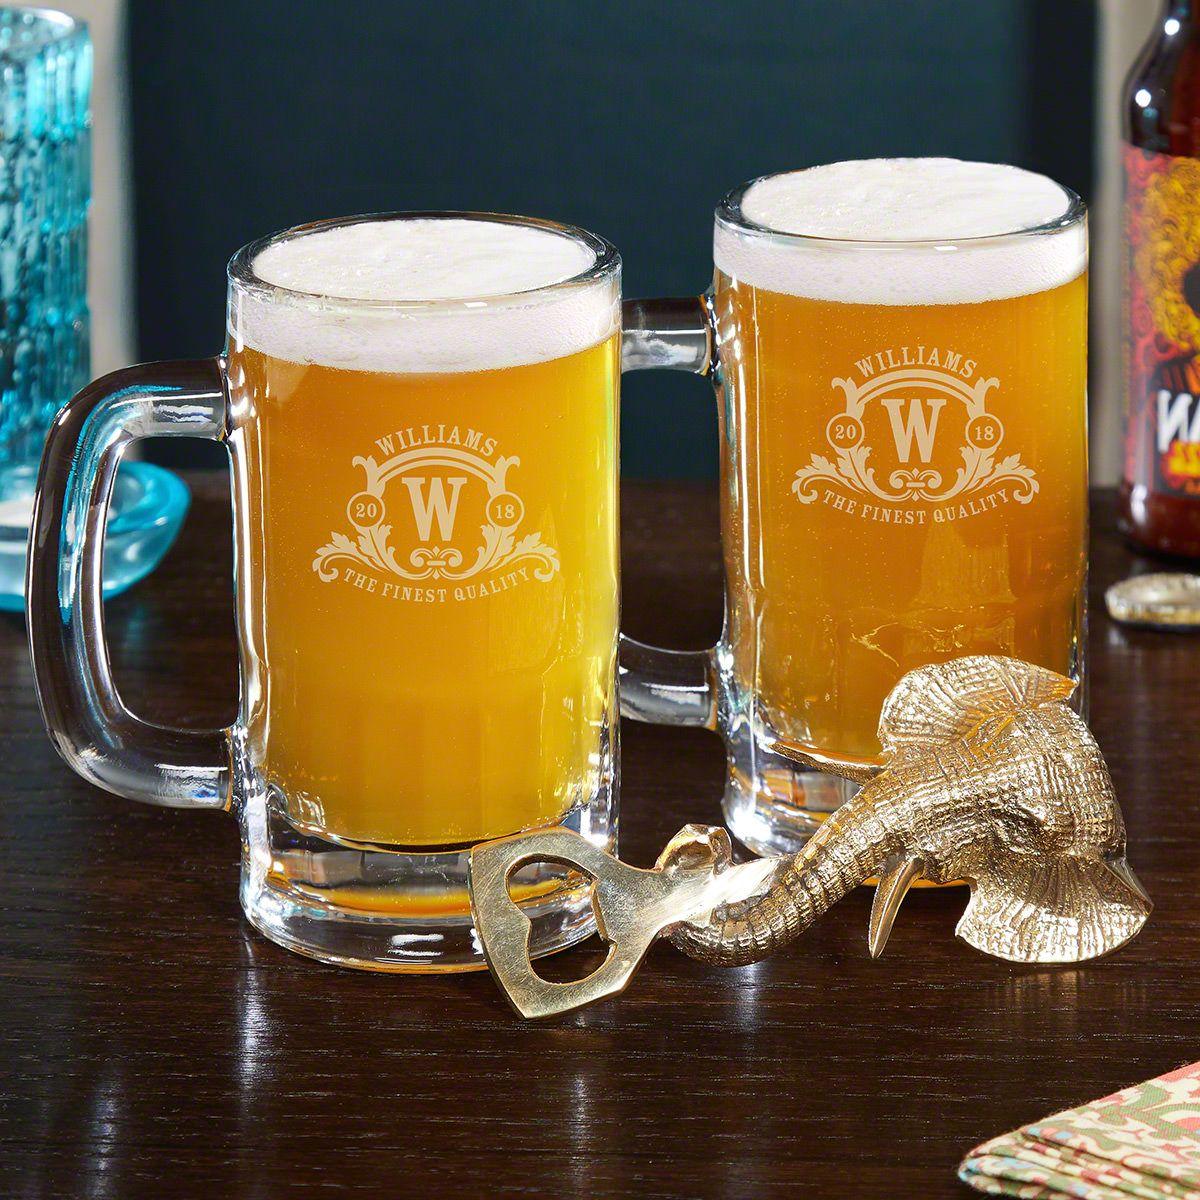 Gold Elephant Bottle Opener Mug Set Up